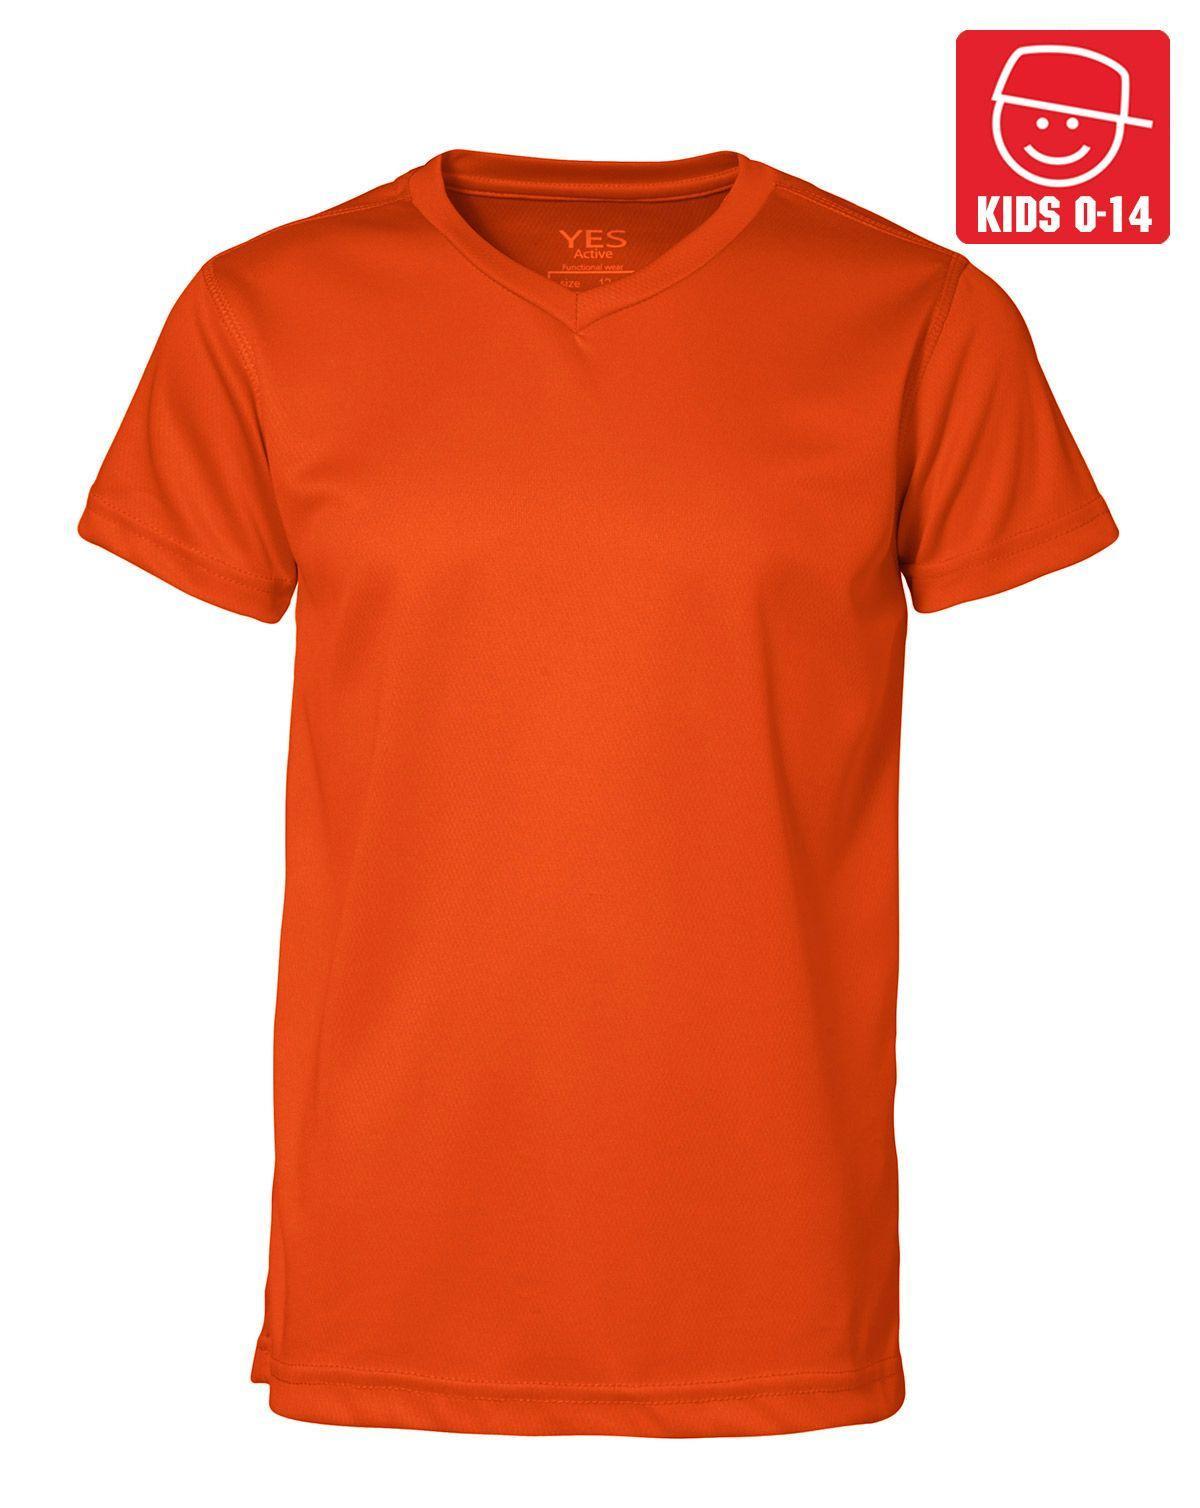 Rød Yes T skjorte Merinoull | YesOnLife | T skjorter | Miinto.no